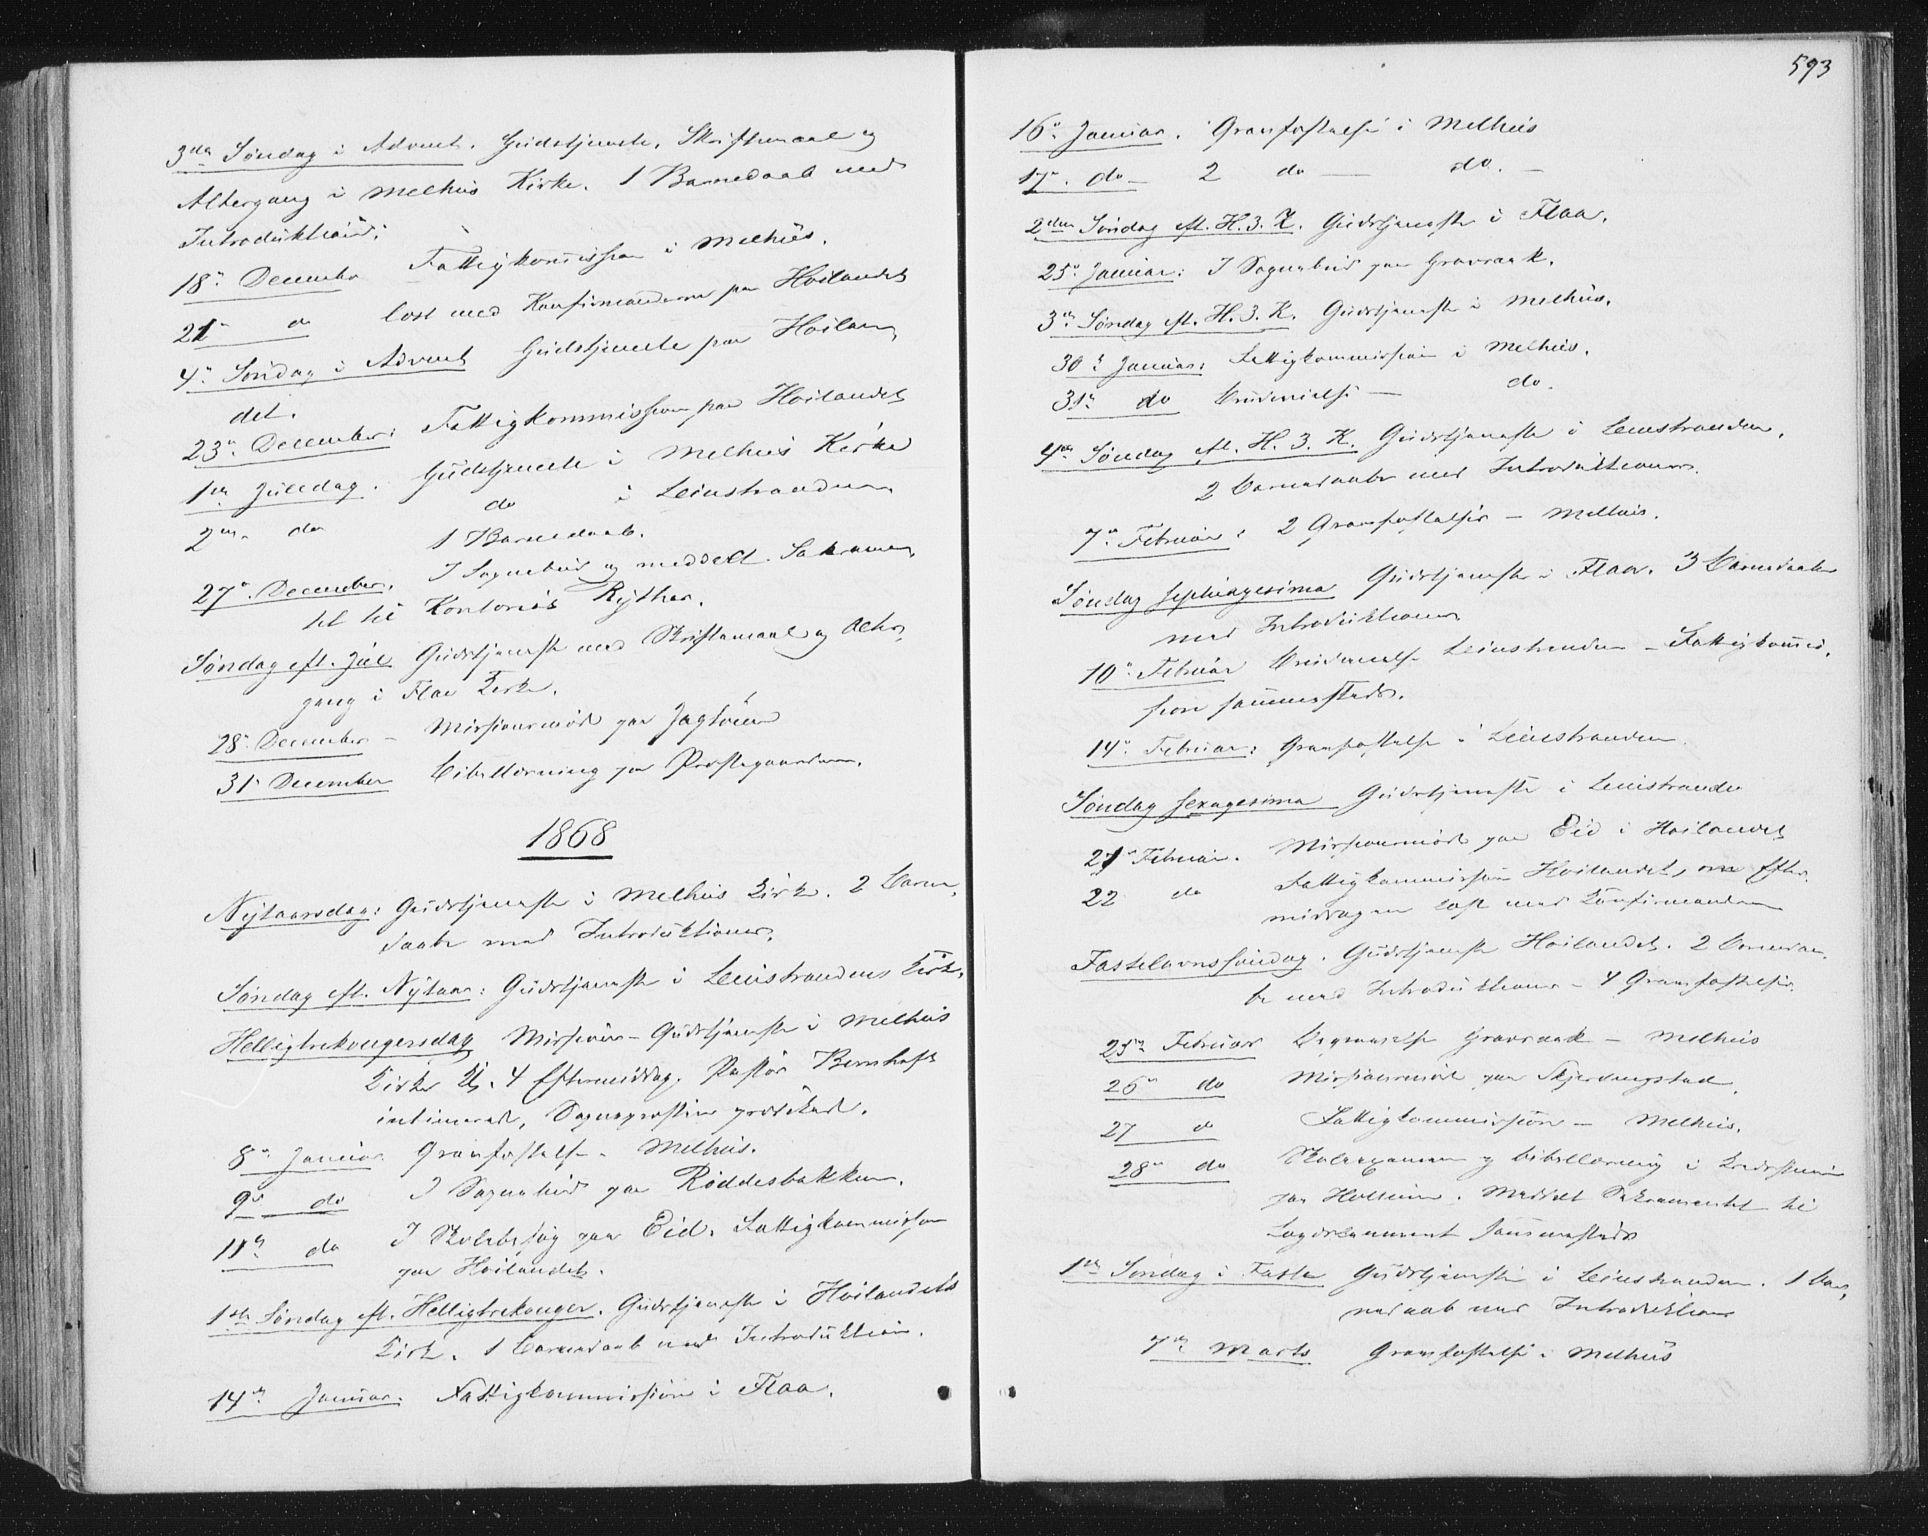 SAT, Ministerialprotokoller, klokkerbøker og fødselsregistre - Sør-Trøndelag, 691/L1077: Ministerialbok nr. 691A09, 1862-1873, s. 593